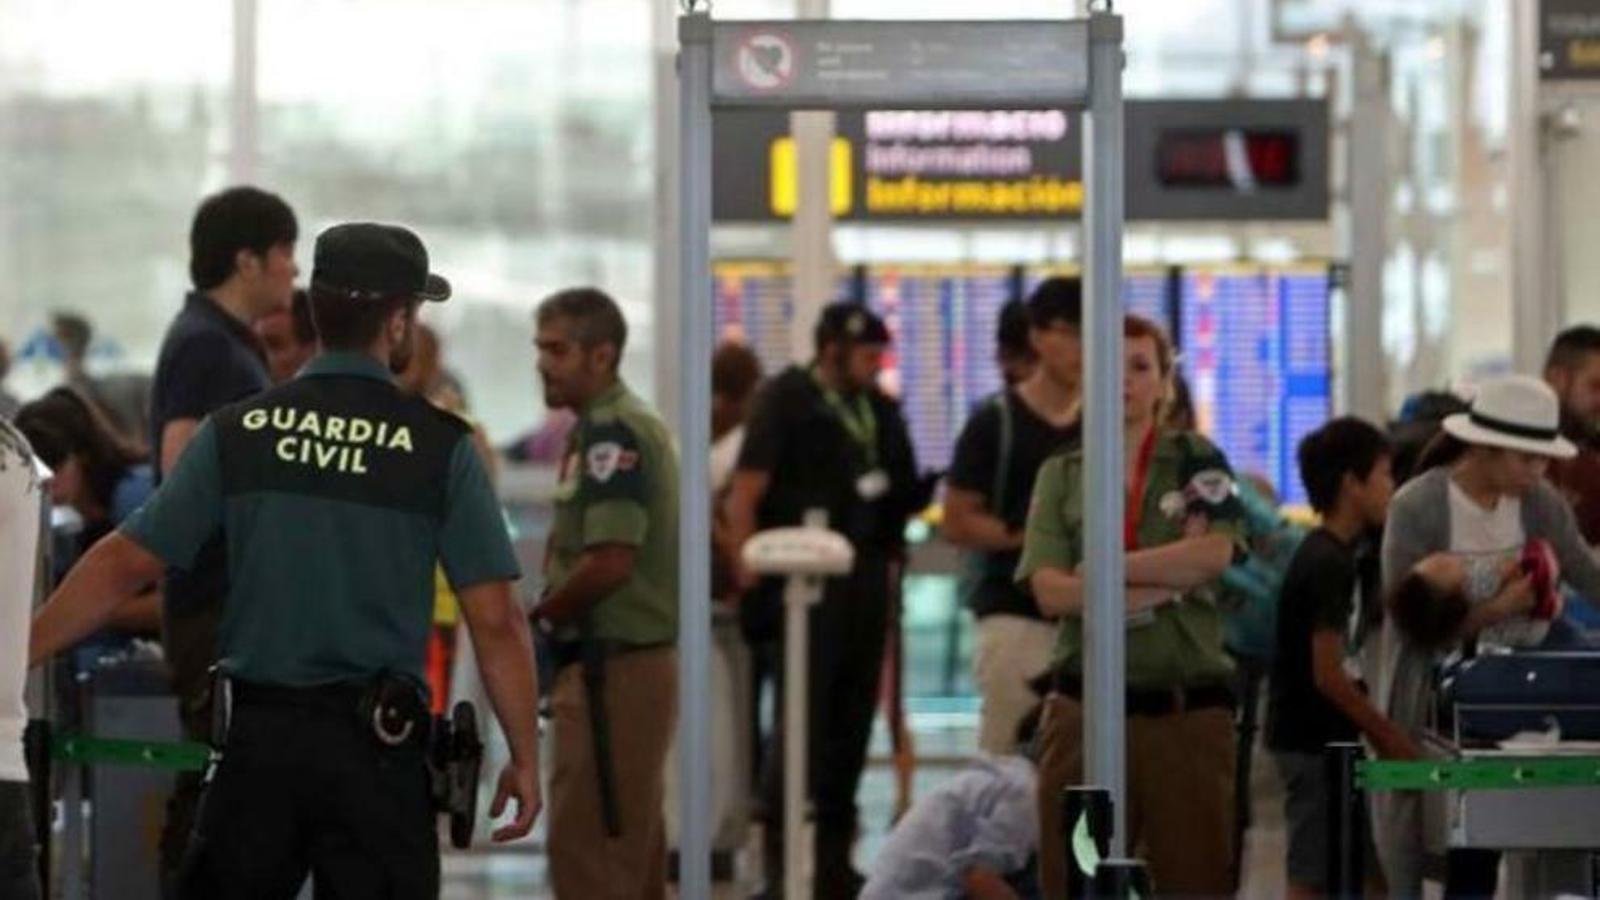 Fins a 200.000 euros de multa per parlar en català a un guàrdia civil a l'aeroport de Palma